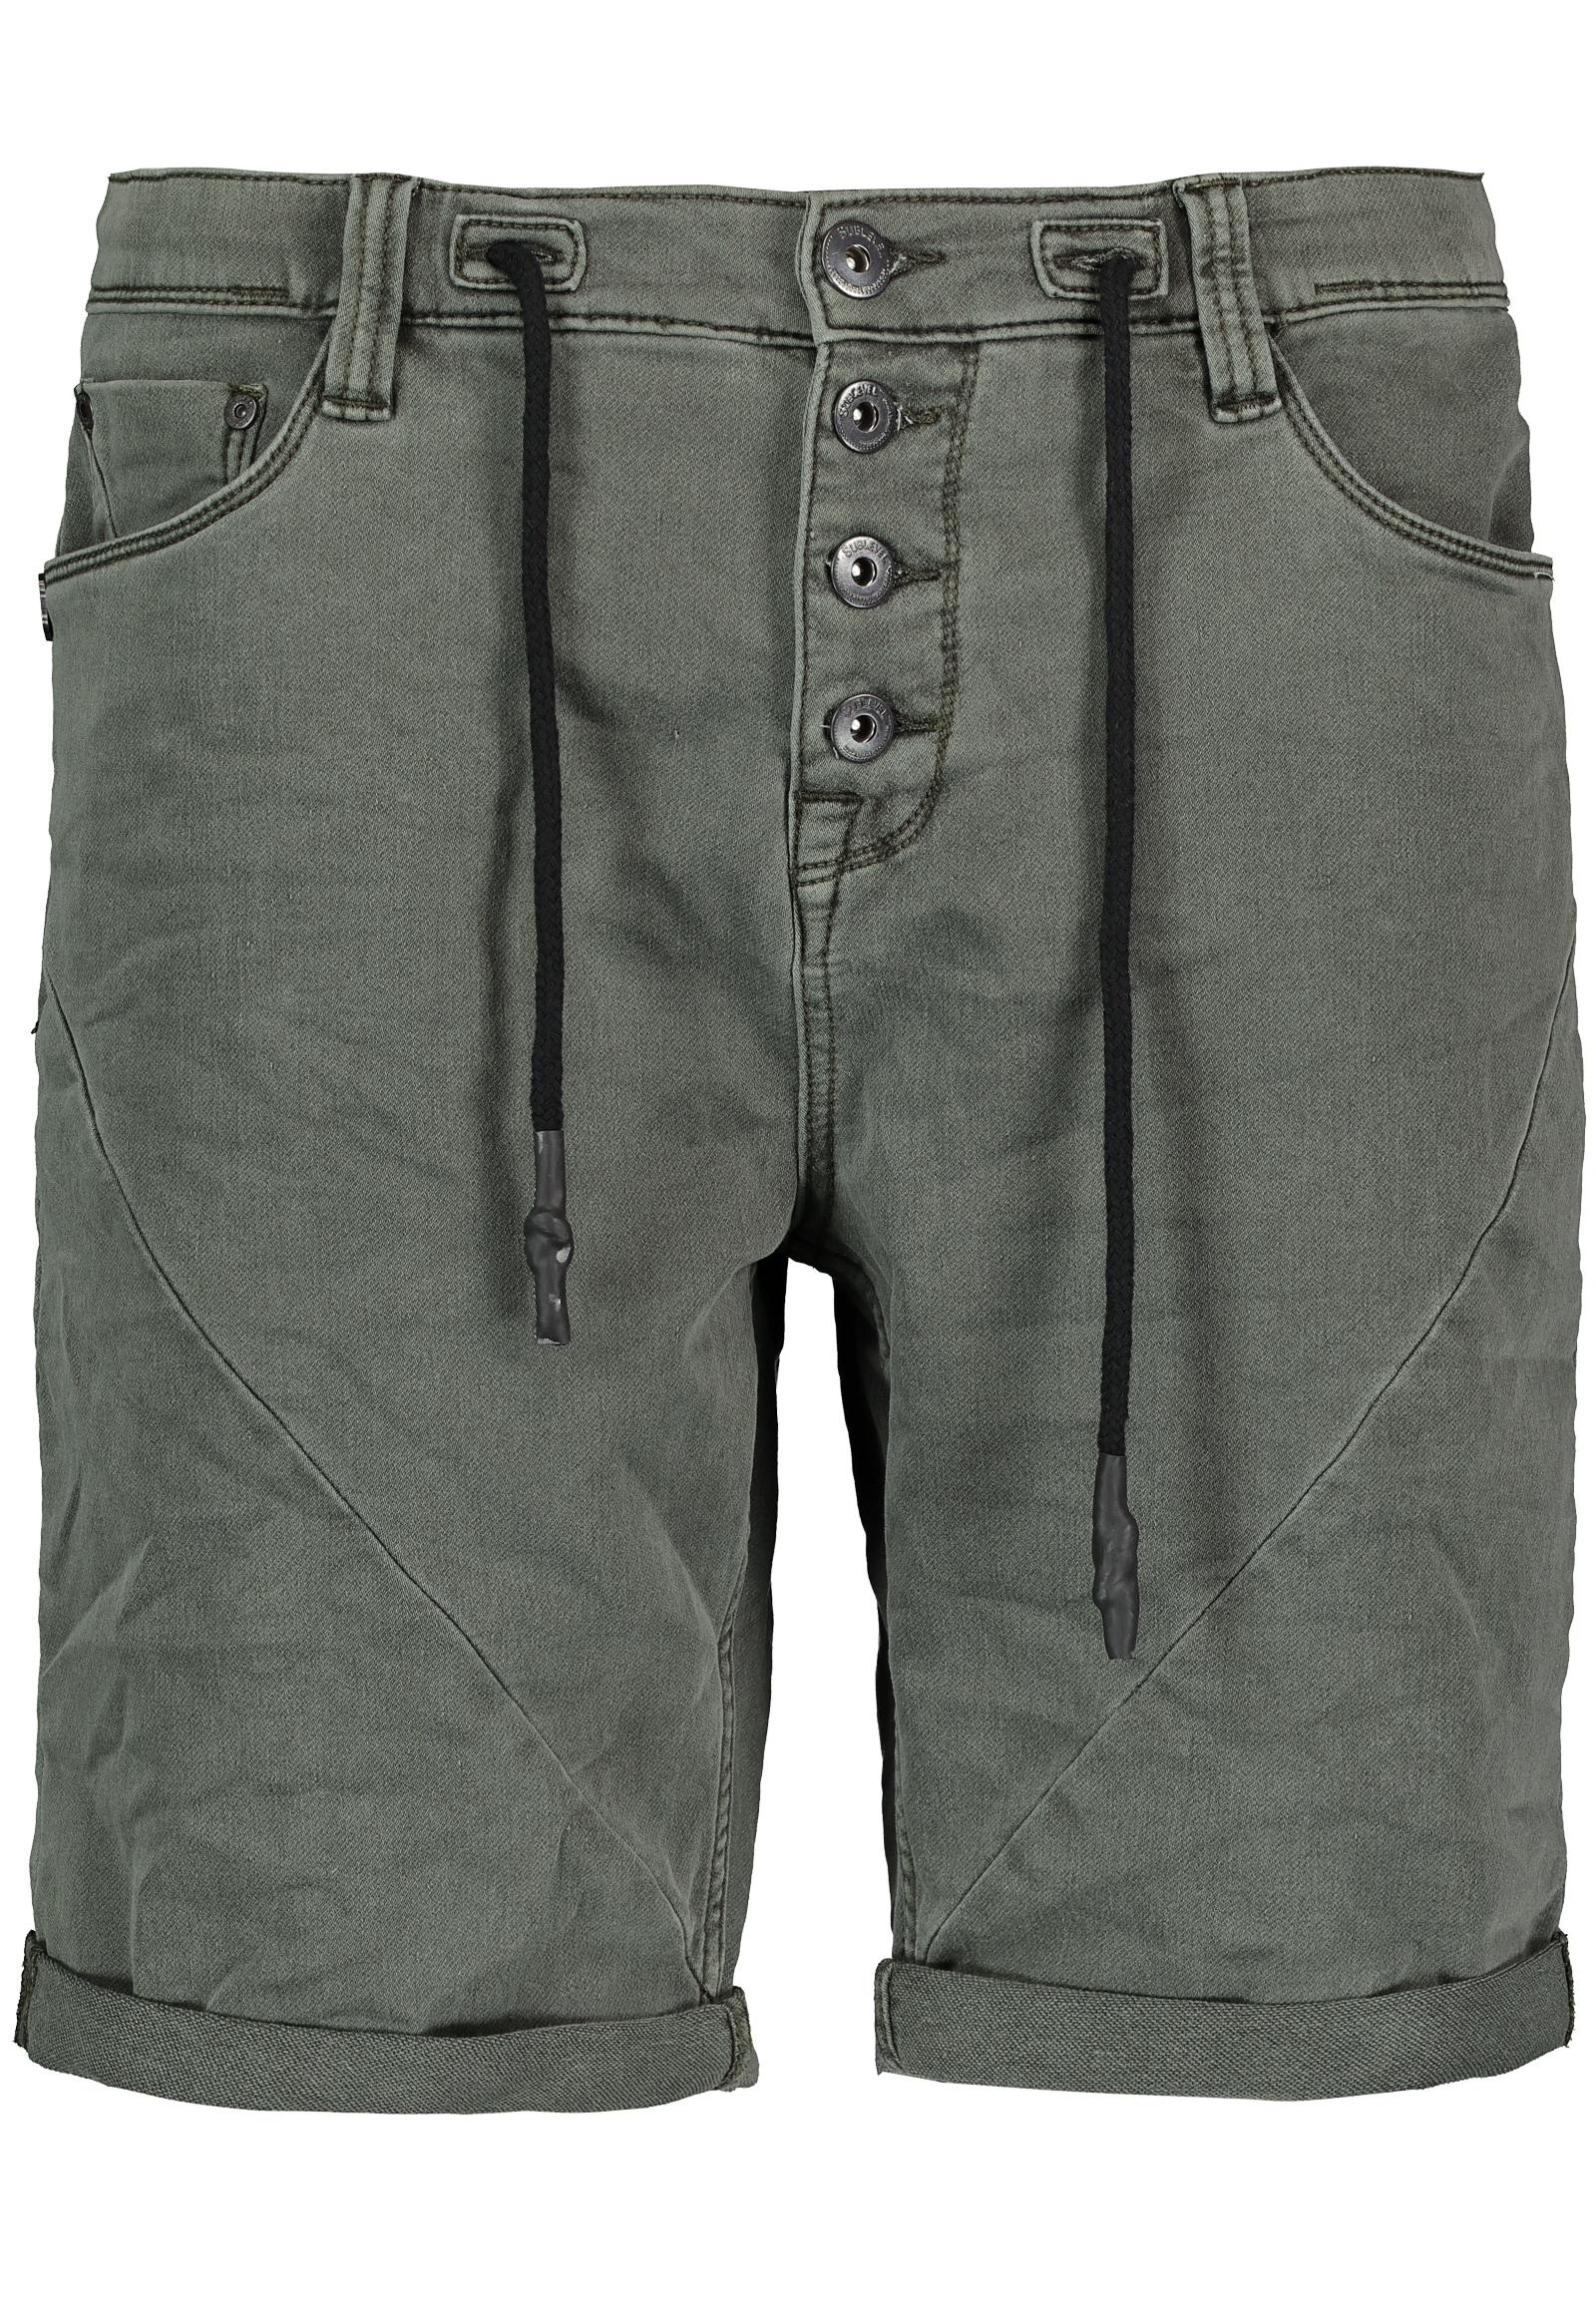 SUBLEVEL Sweatjeansbermudas | Bekleidung > Shorts & Bermudas > Jeans Bermudas | Grün | Sublevel